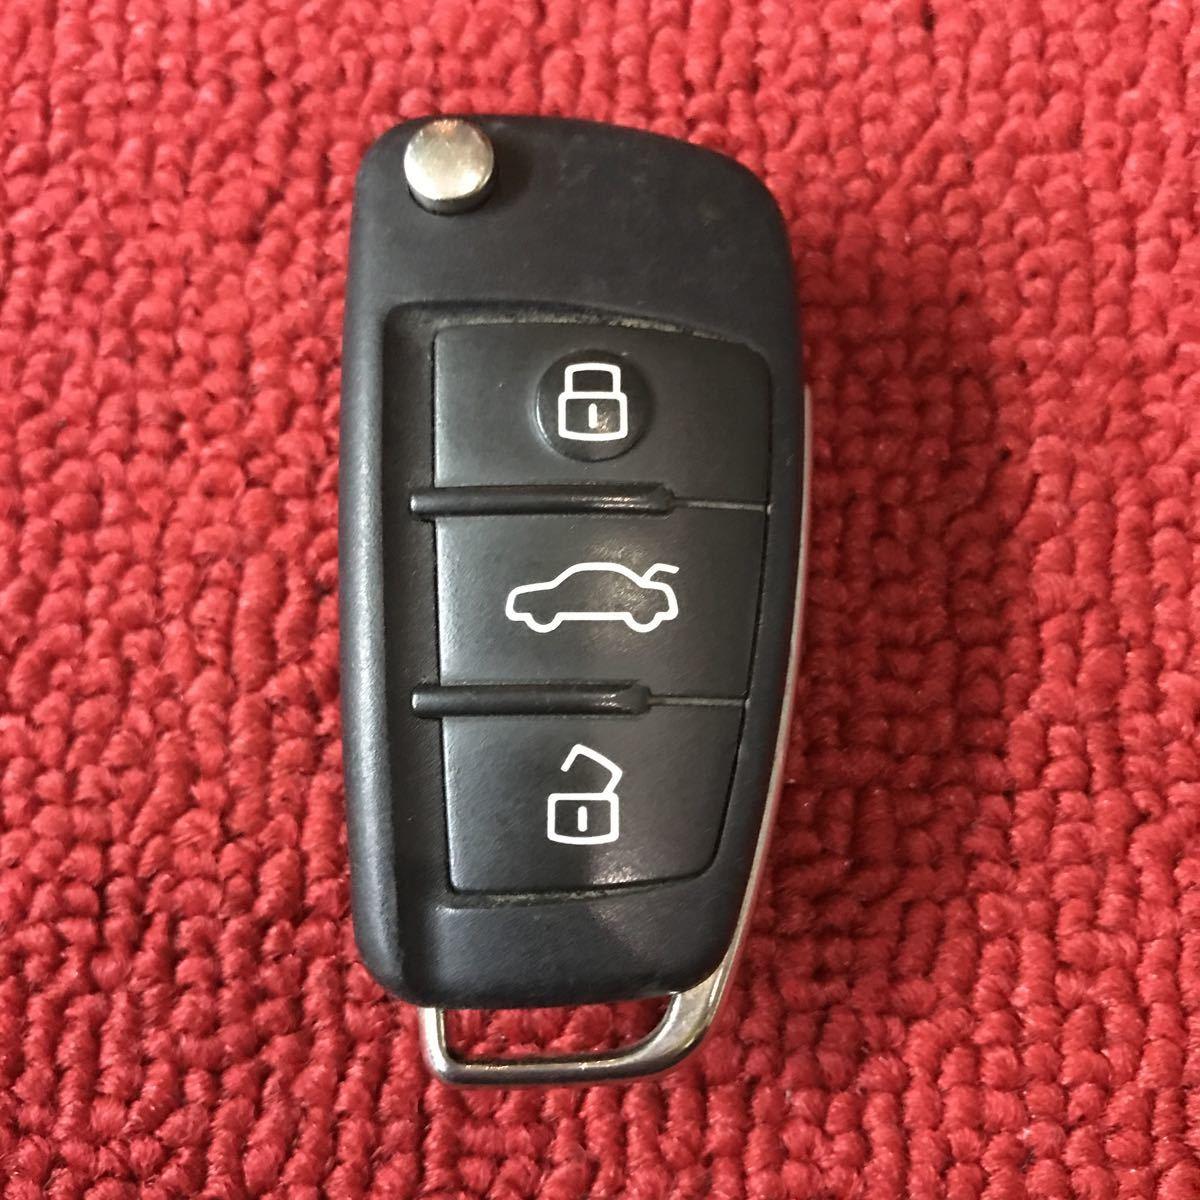 アウディ 純正 キーレス ジャックナイフキー 3ボタン トランクボタン 作動チェック済み GG474_画像1